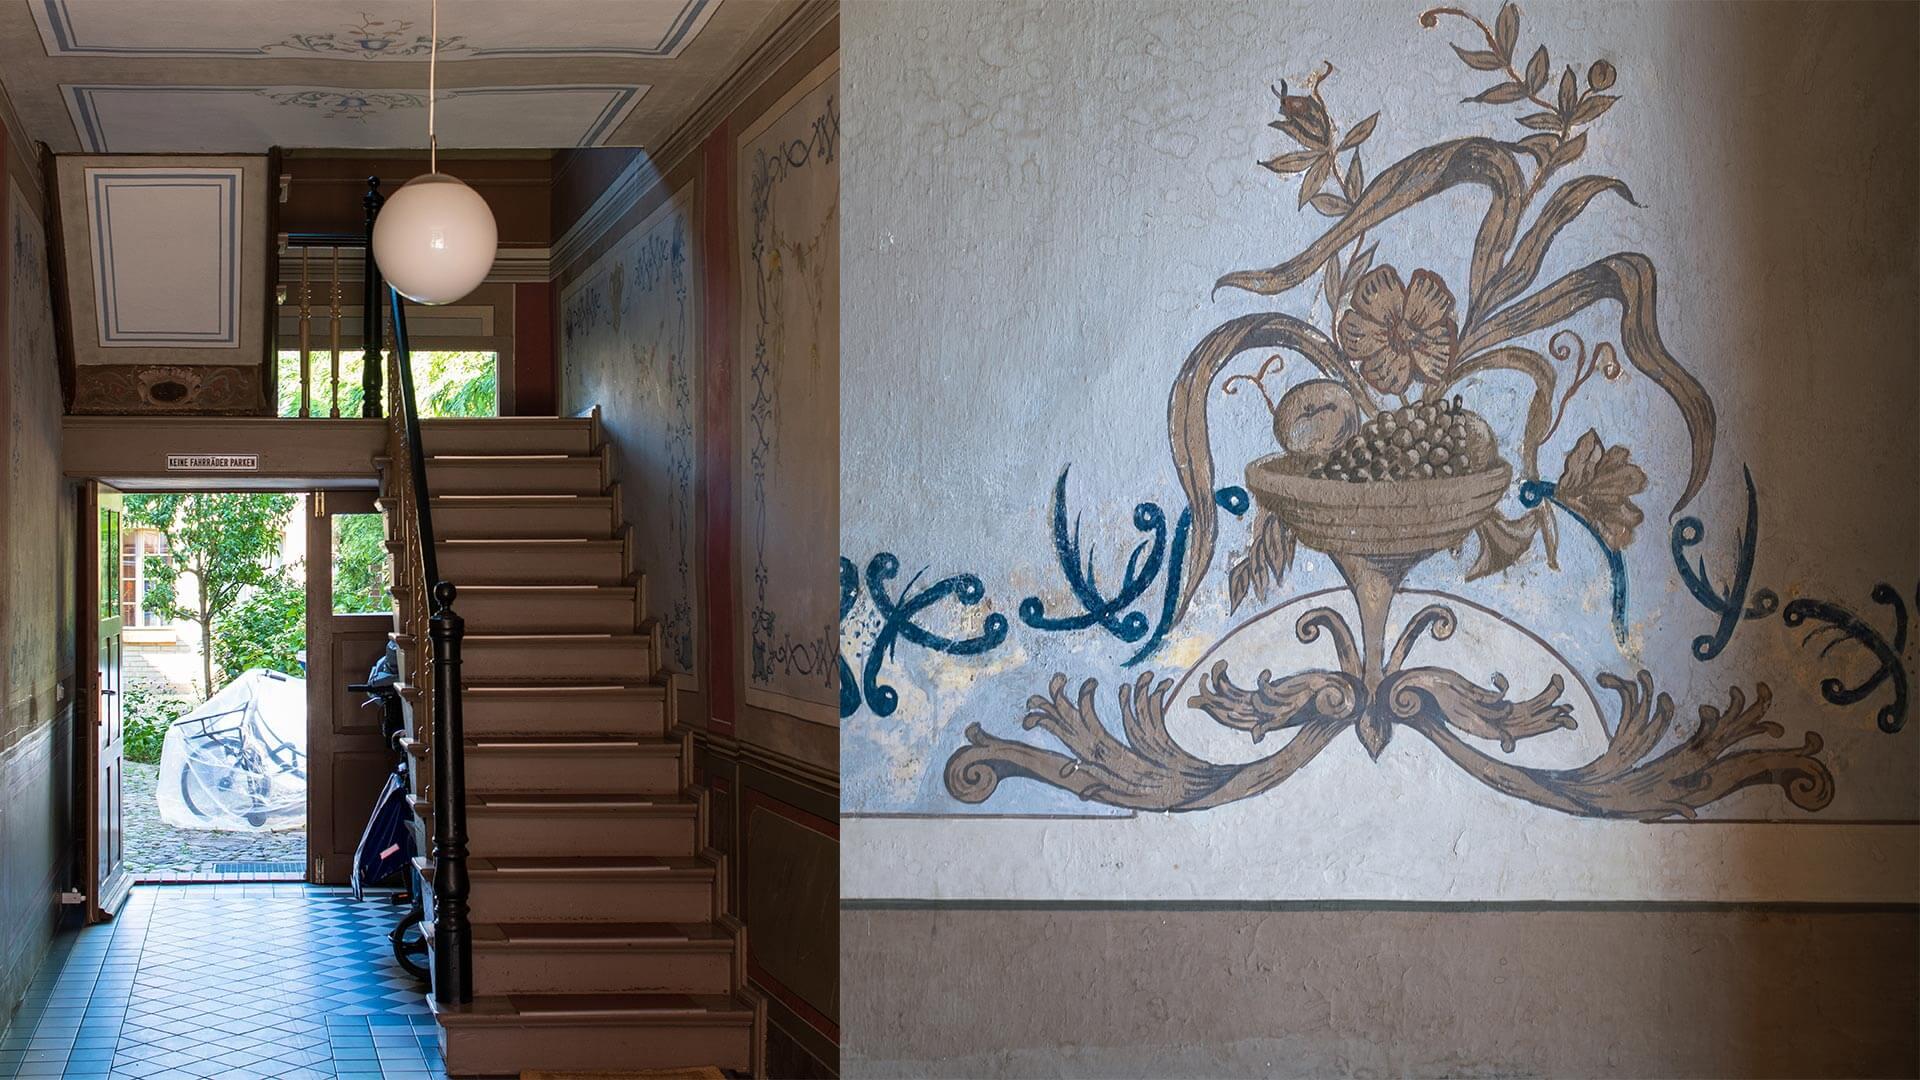 Malerei an Wand im Hausflur